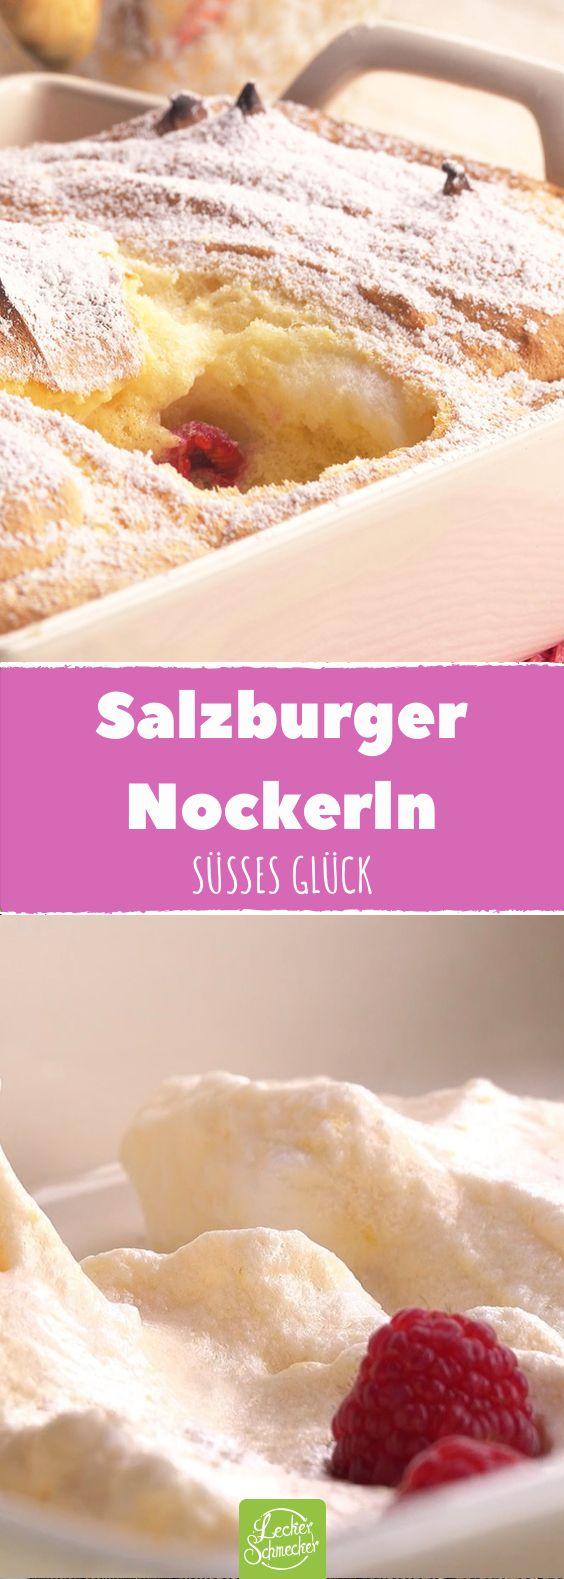 Für kalte Tage: Dessert aus Österreich frisch aus dem Ofen.